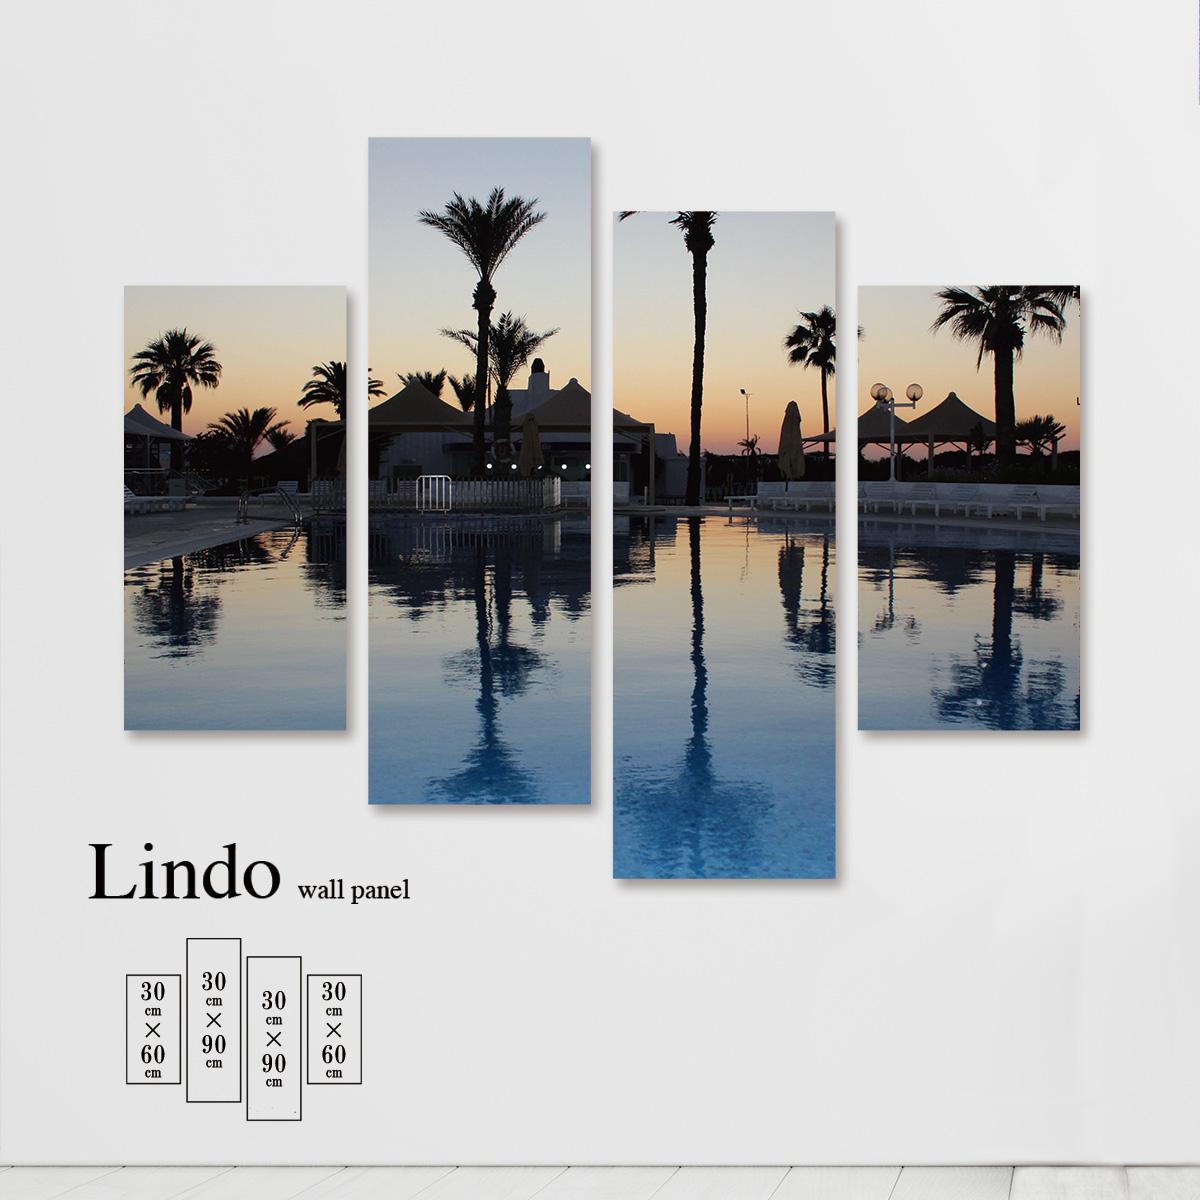 ファブリックパネル 海 海面 海岸 浜辺 ビーチ 風景 景色 夕暮れ 水面 壁掛け 北欧 お洒落 デザイン アート 壁飾り アートボード 4枚パネル